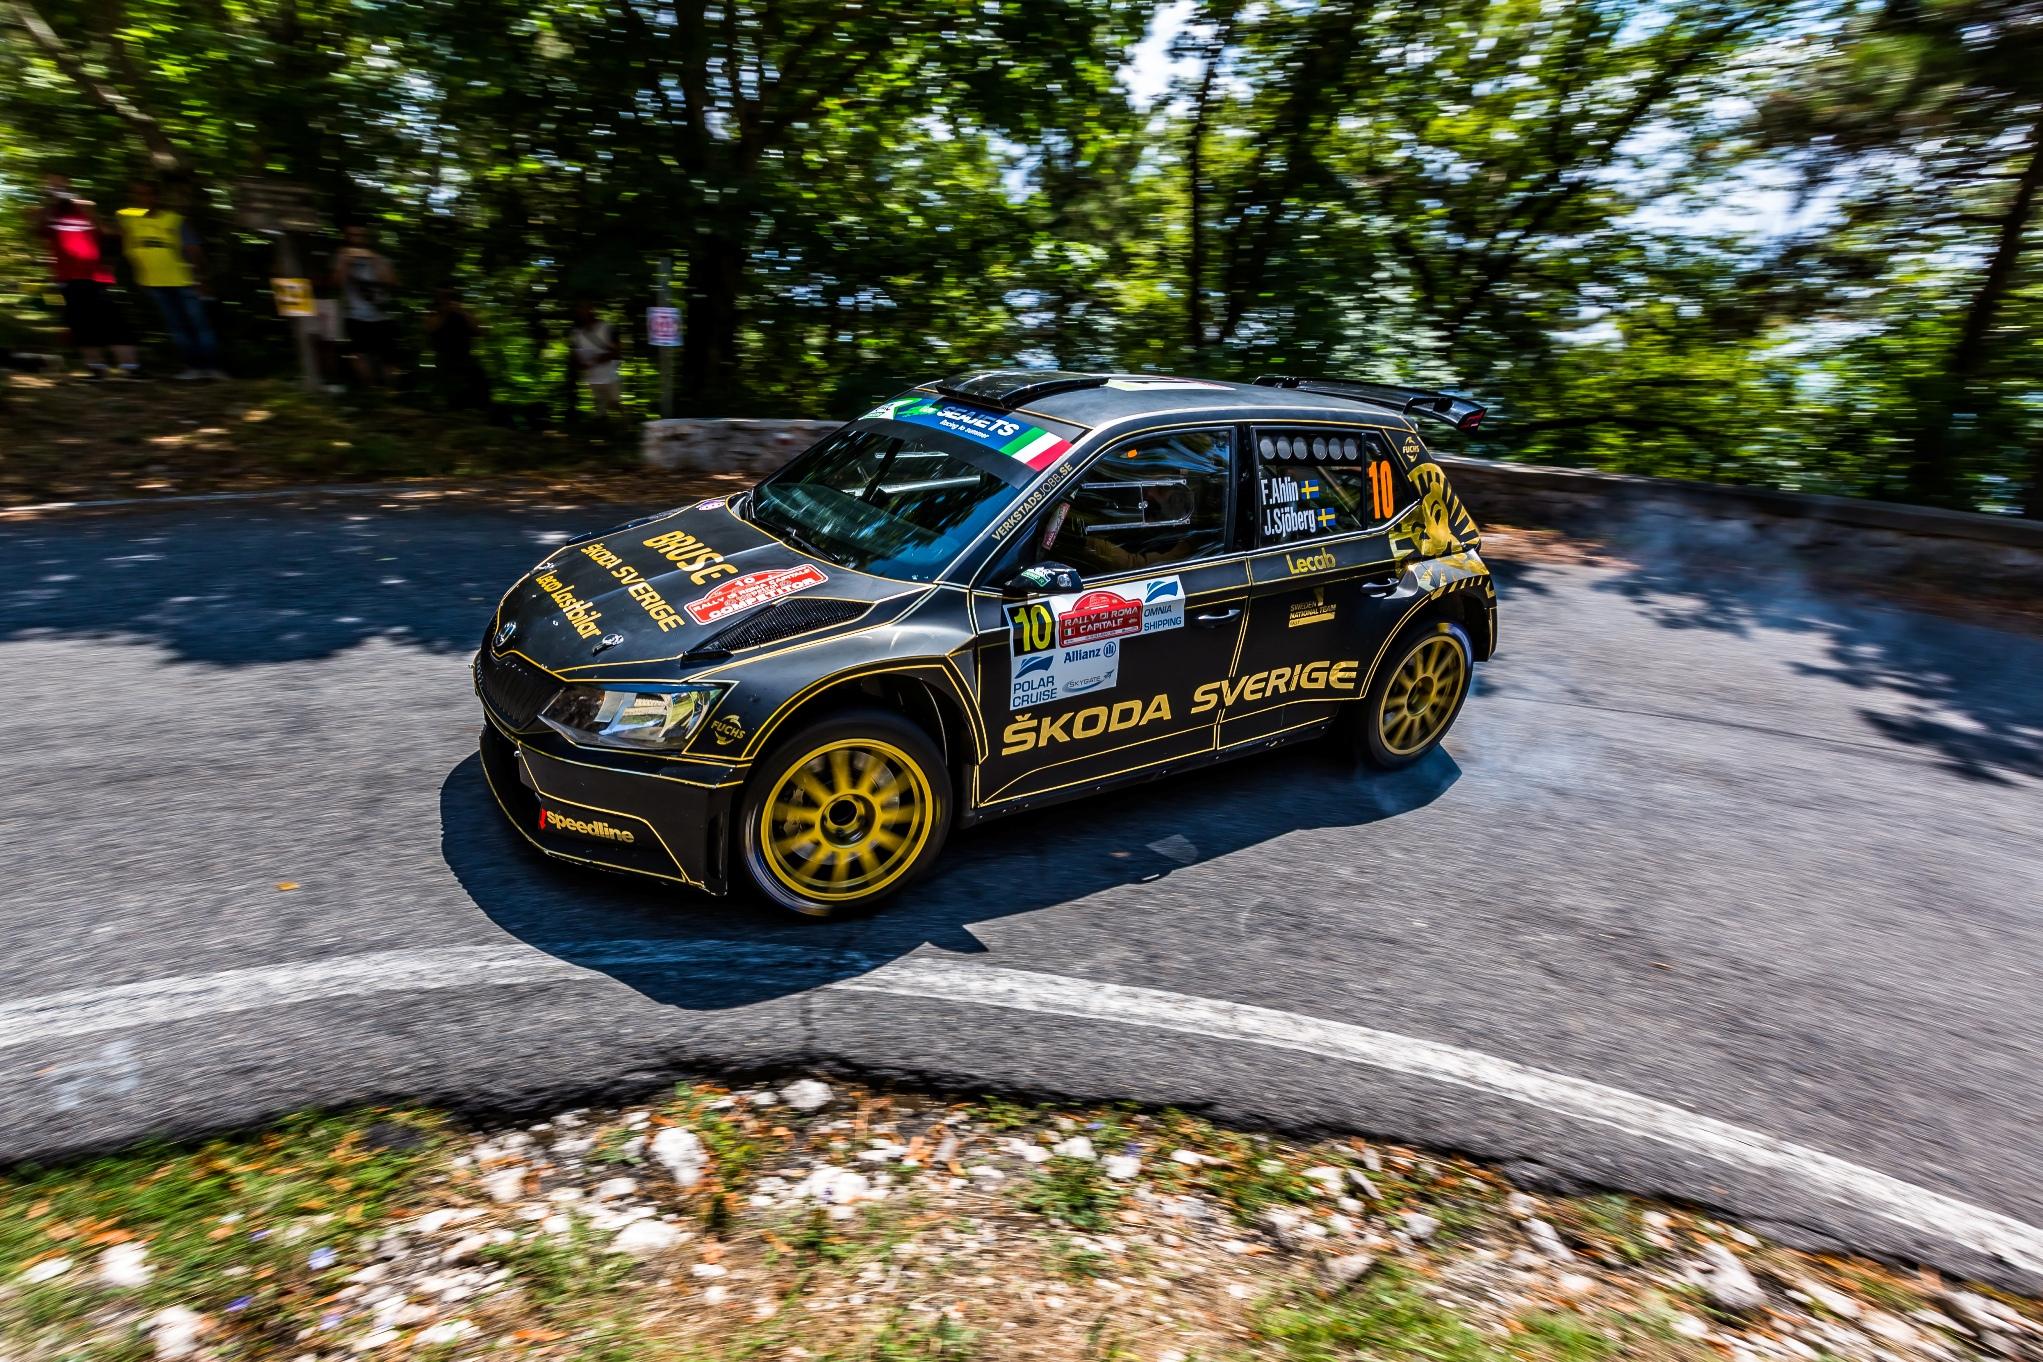 Calendario Rally Storici 2020.Erc Ecco Il Nuovo Calendario Rally Europeo Rally It